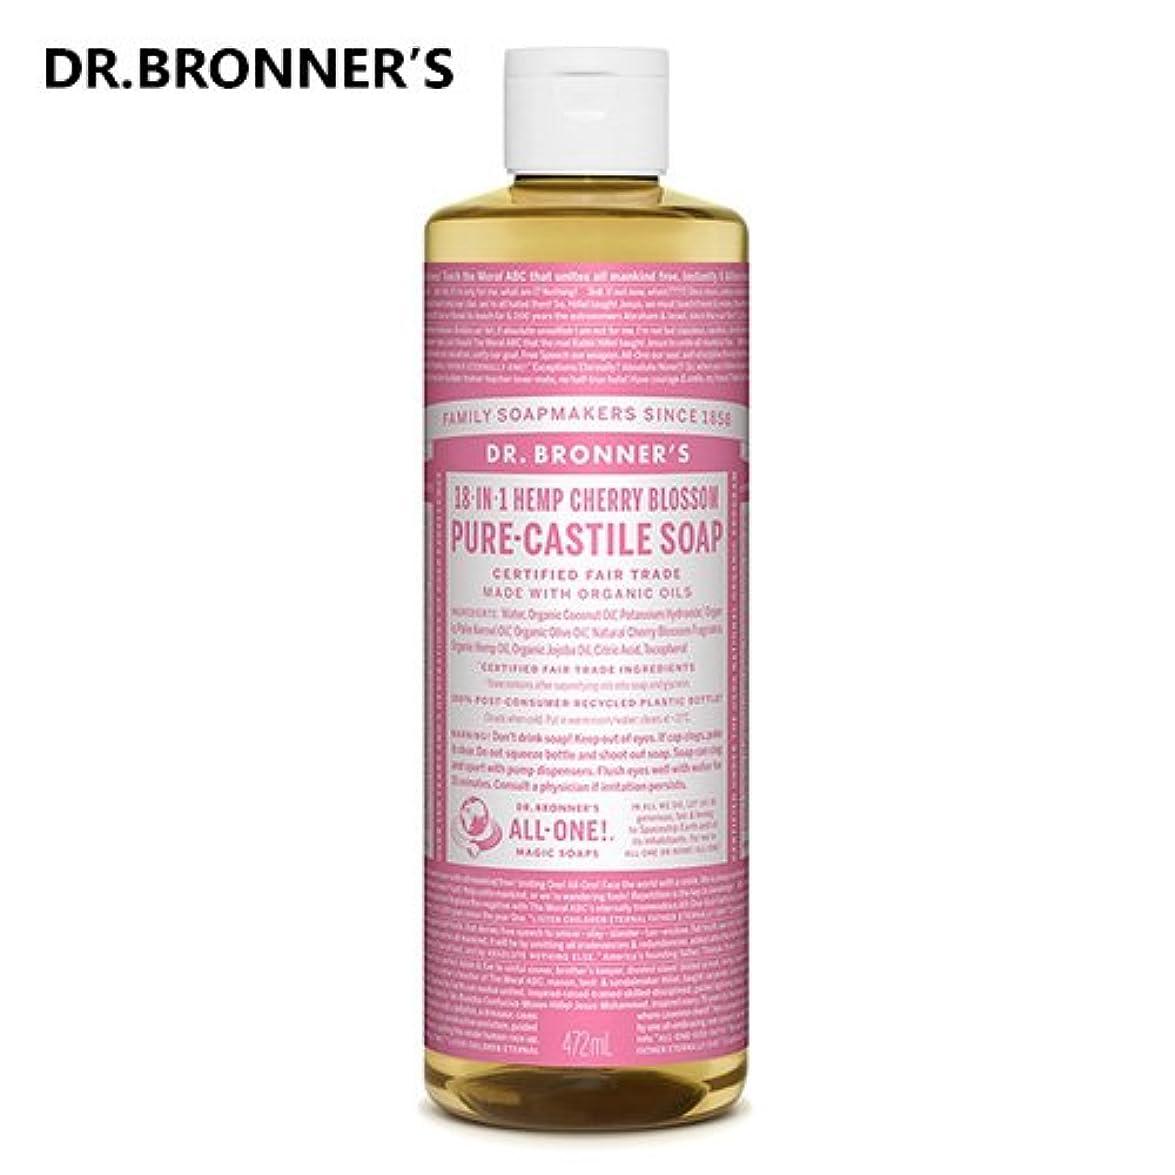 システム限り貴重なドクターブロナー マジックソープ チェリーブロッサム 472ml ドクターブロナー DR.BRONNER'S